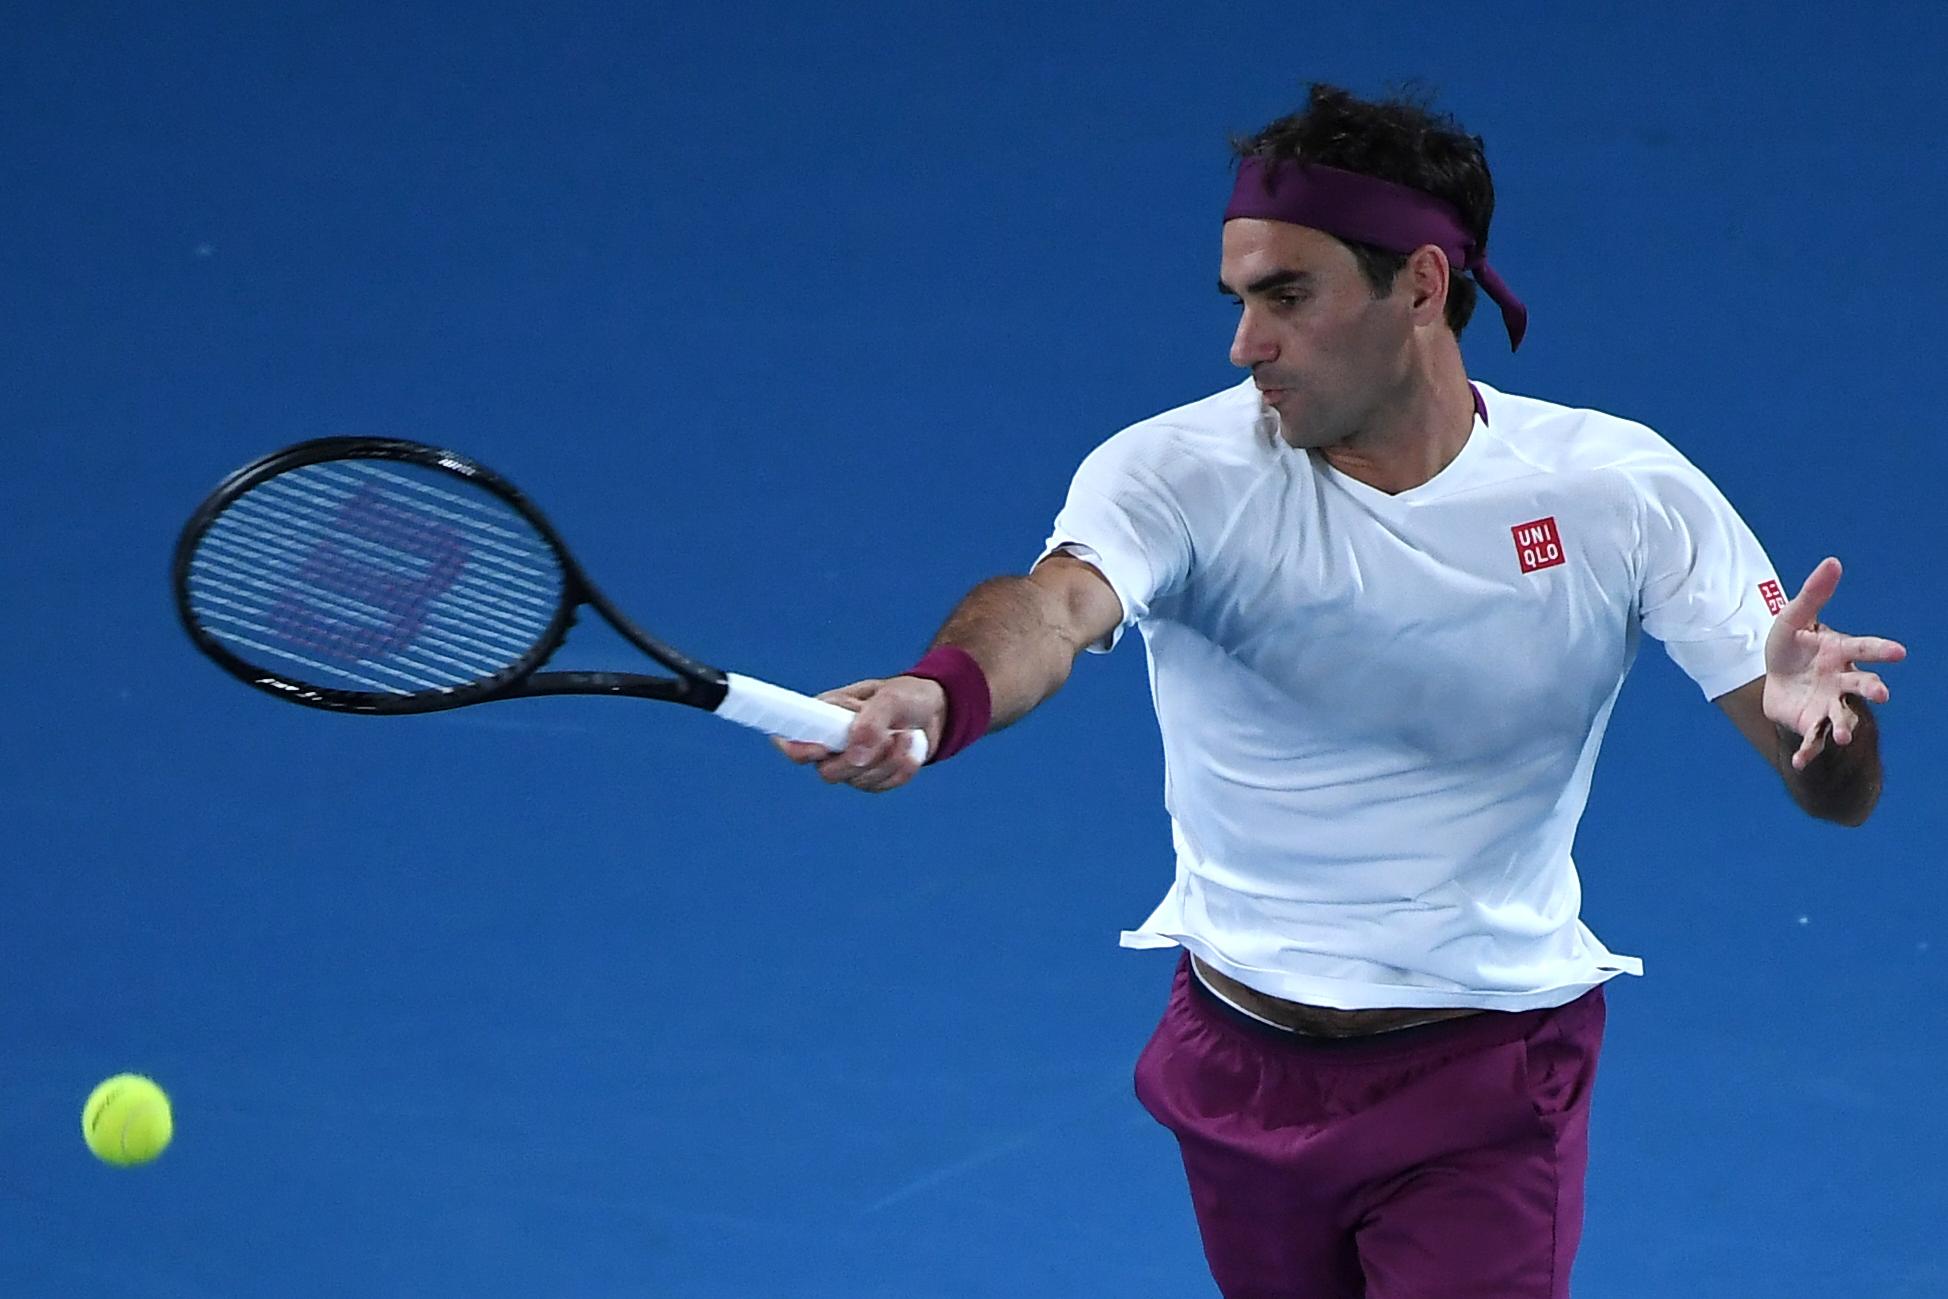 Federer Sandgren